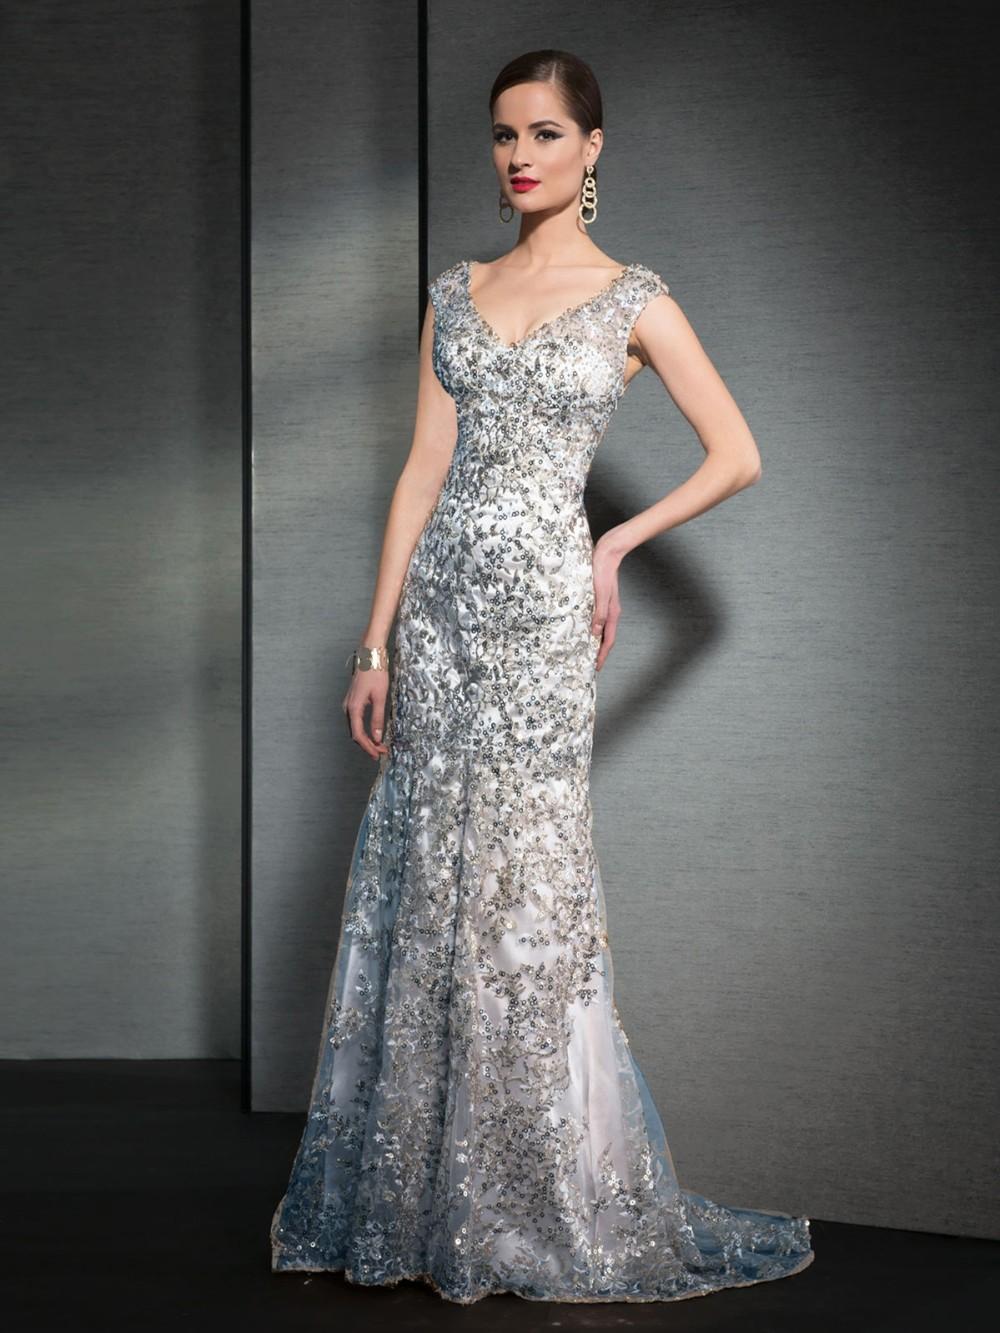 Мода роскошные серые длинные вечерние платья 2016 В шеи аппликации mermaid шнурка женщины театрализованное платье для формальных выпускного вечера партии платья